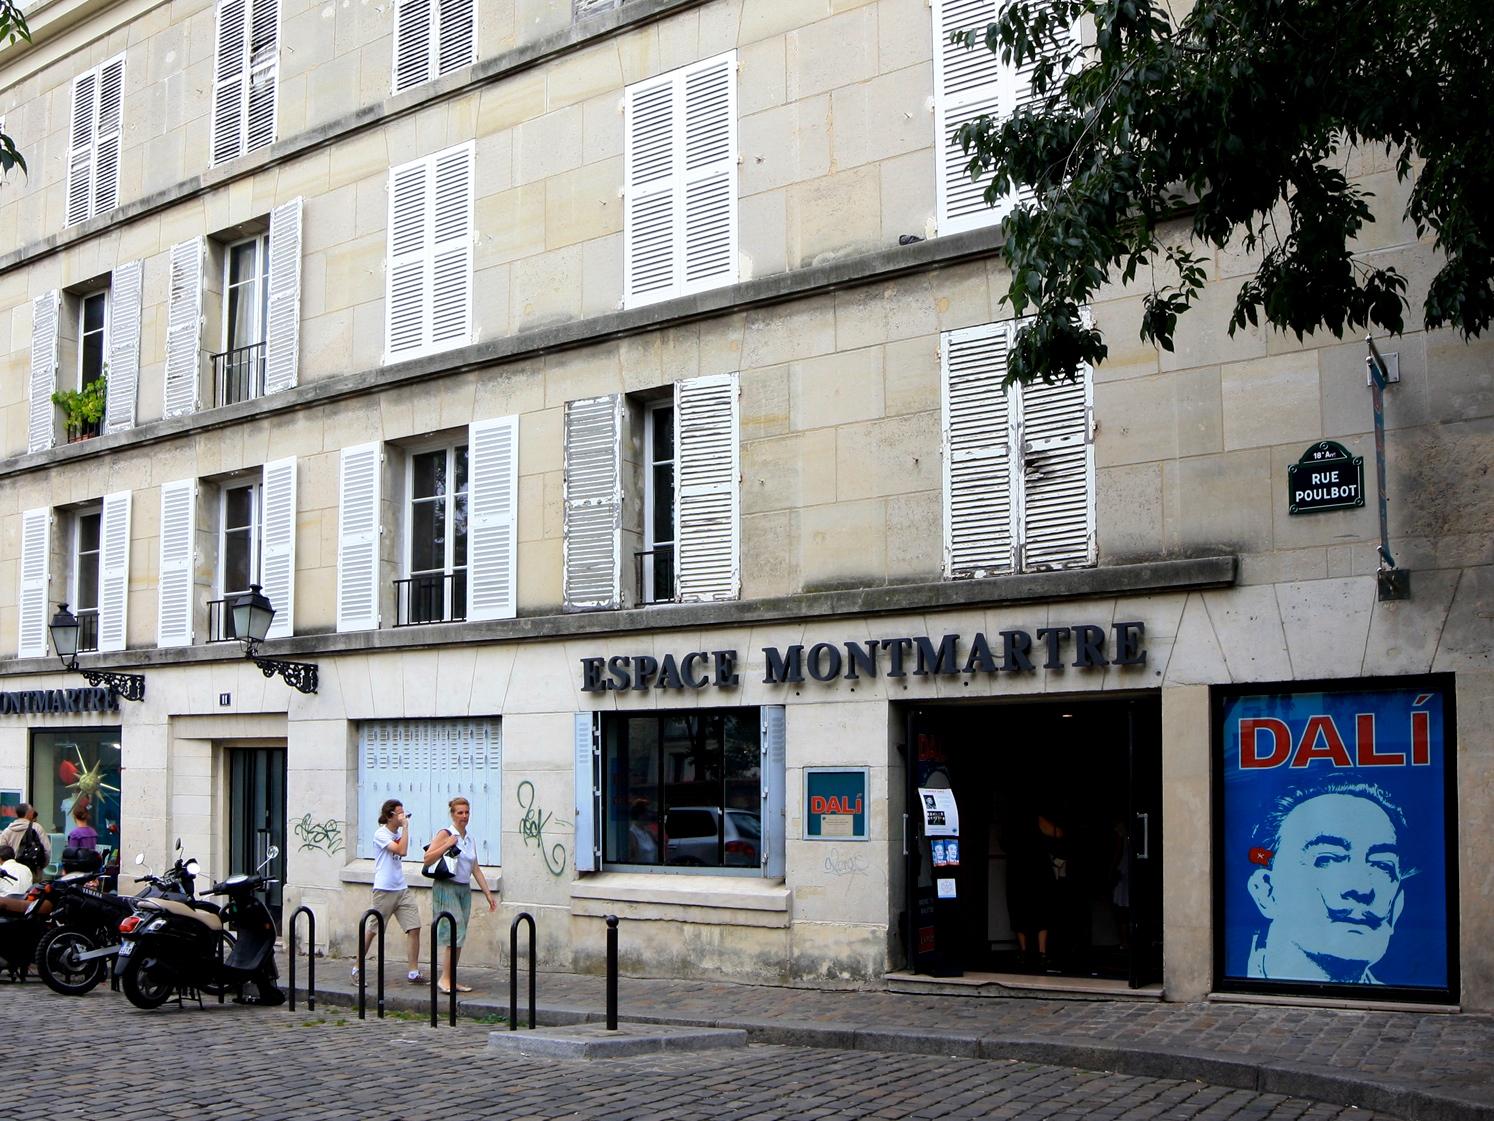 dali-montmartre-paris